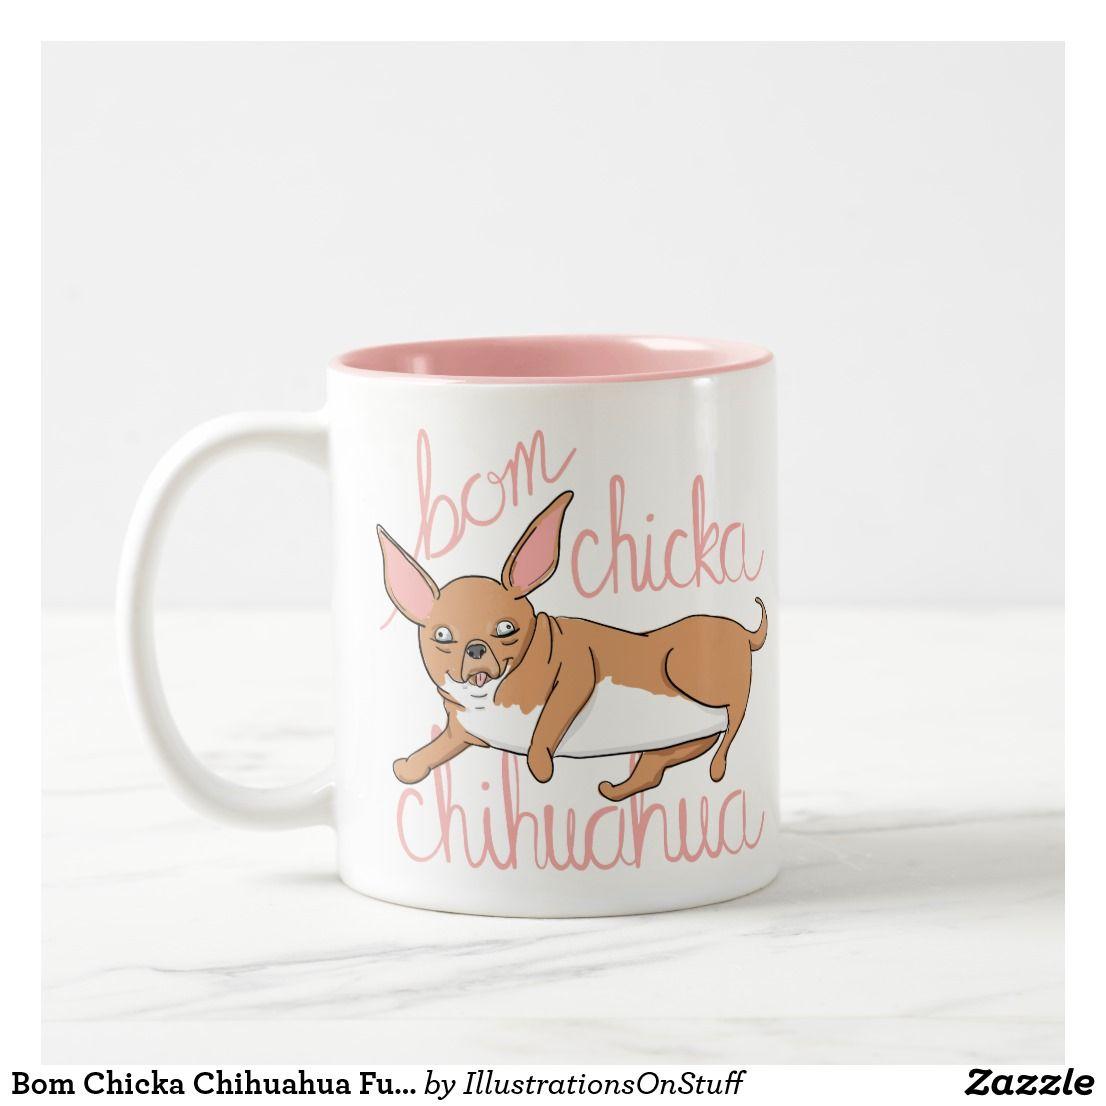 Bom Chicka Chihuahua Funny Dog Pun Two Tone Coffee Mug